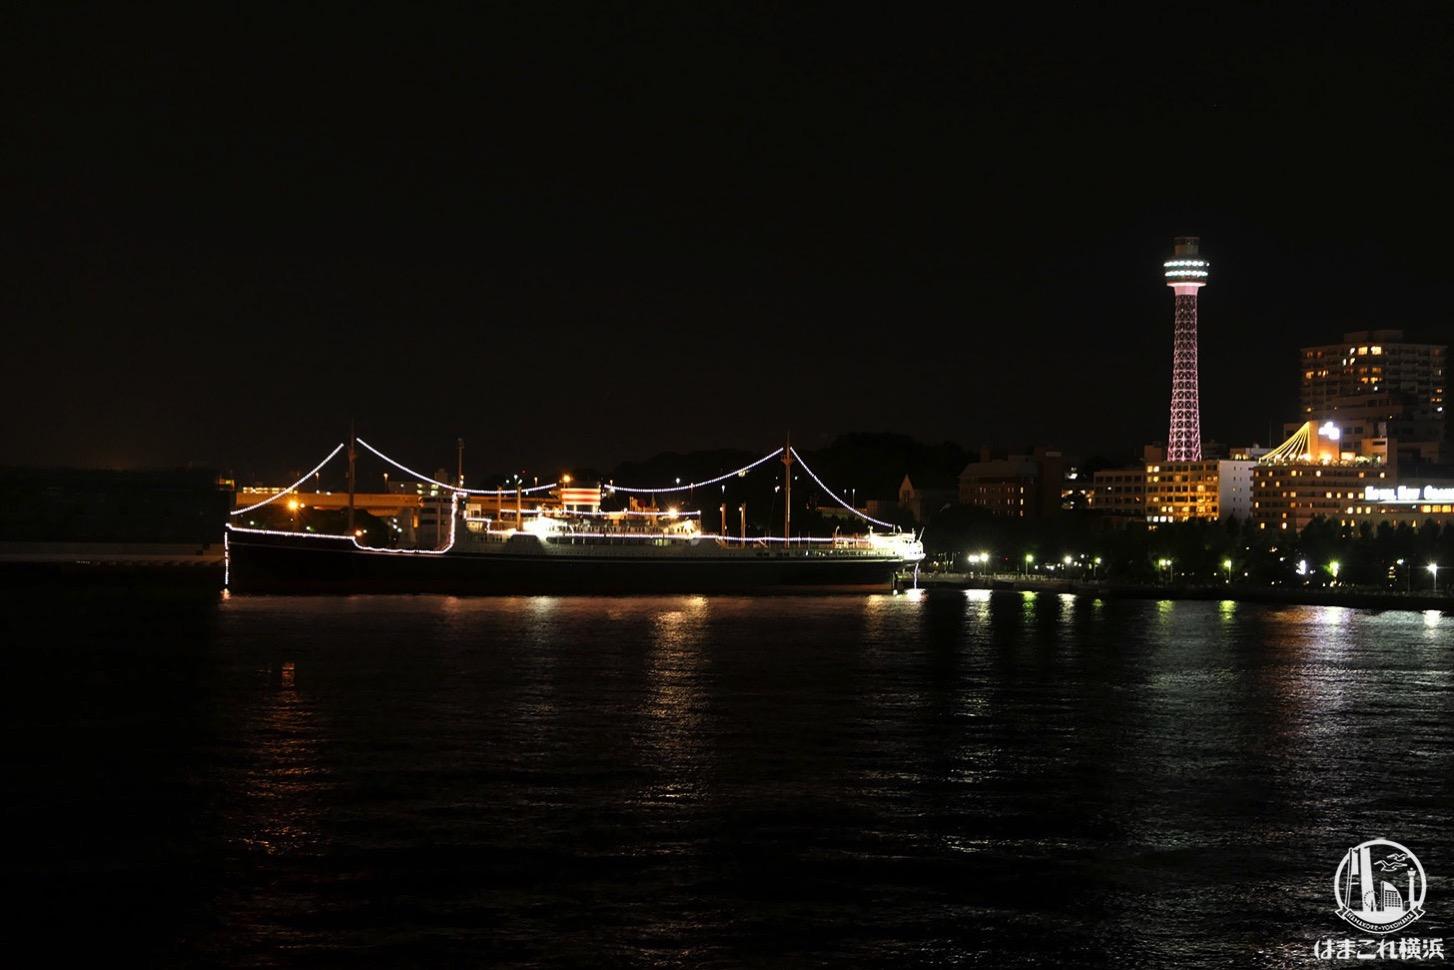 横浜港大さん橋国際客船ターミナル 屋上から見た横浜マリンタワーと氷川丸